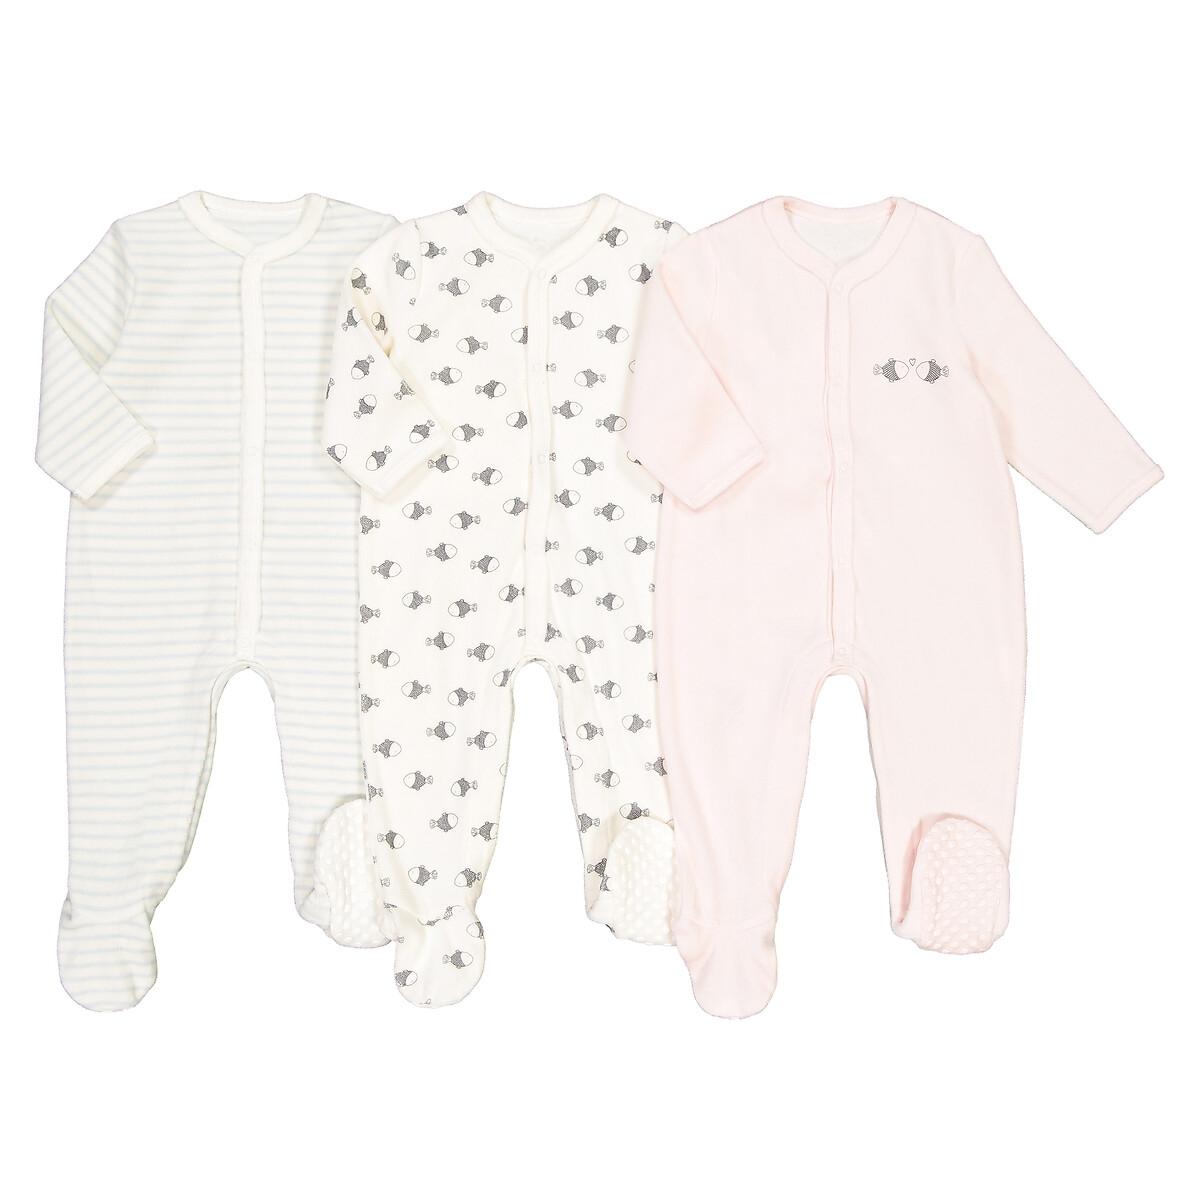 Набор La Redoute Из трех пижам для новорожденных из бархата детей 2х лет 1 год - 74 см розовый